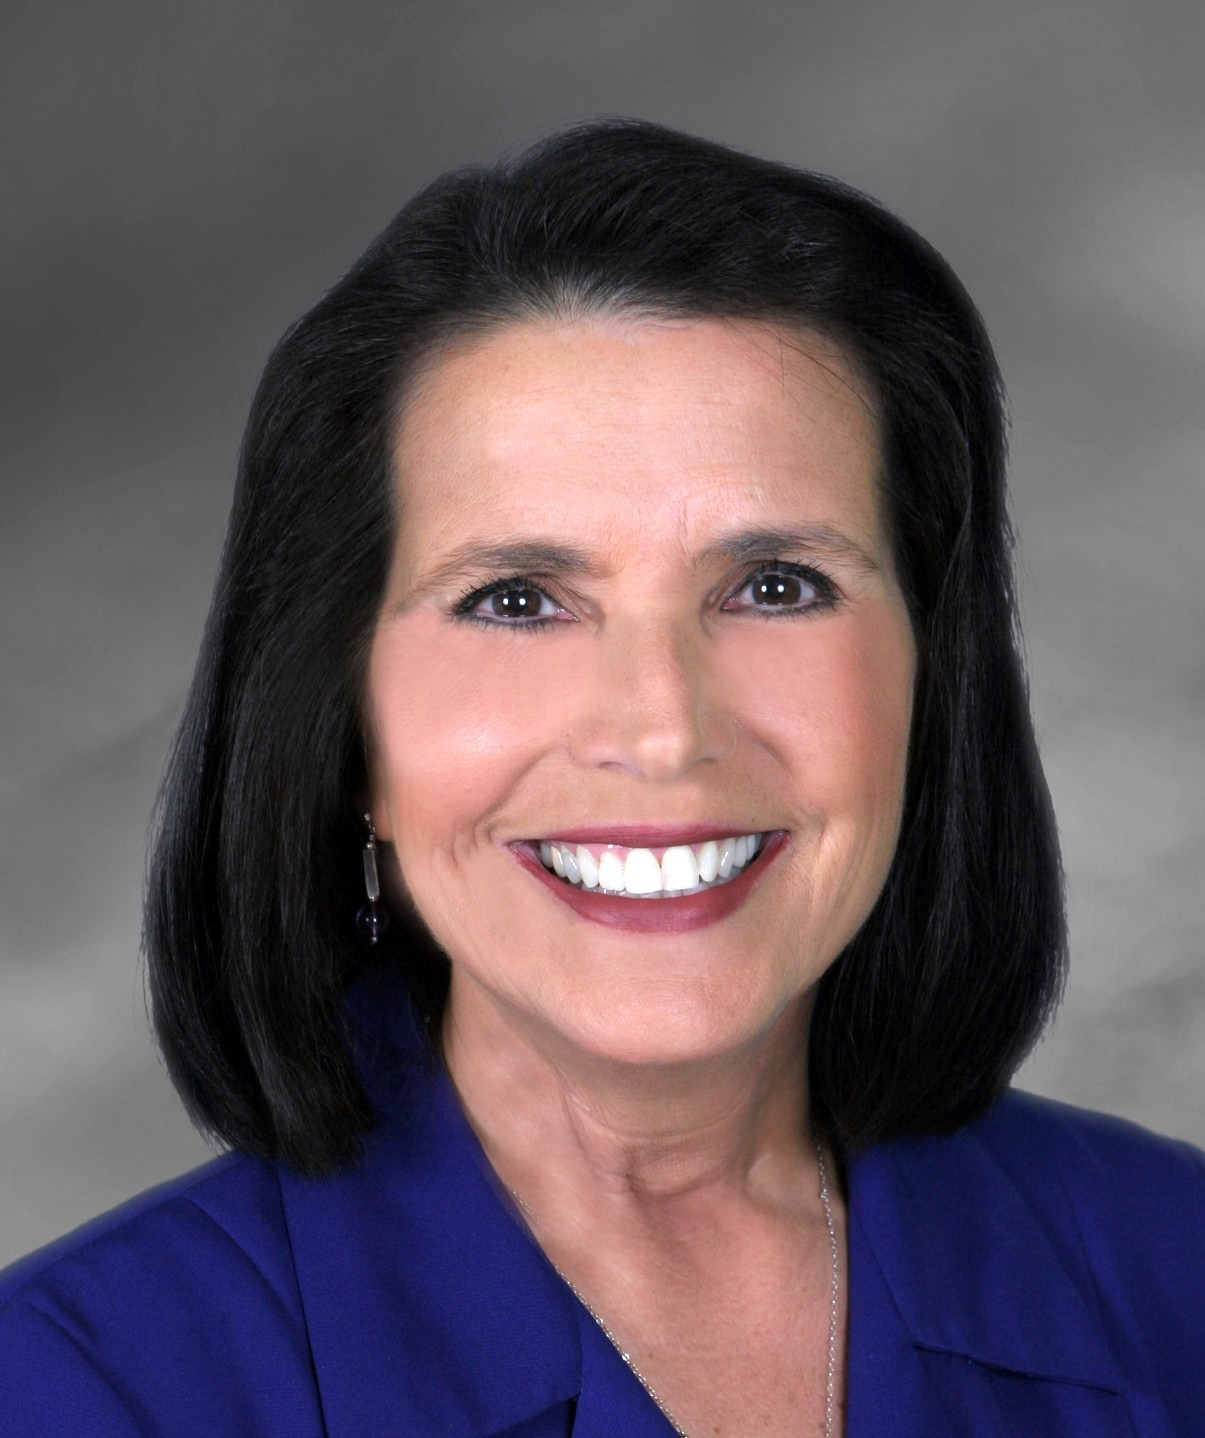 Barbara Alford